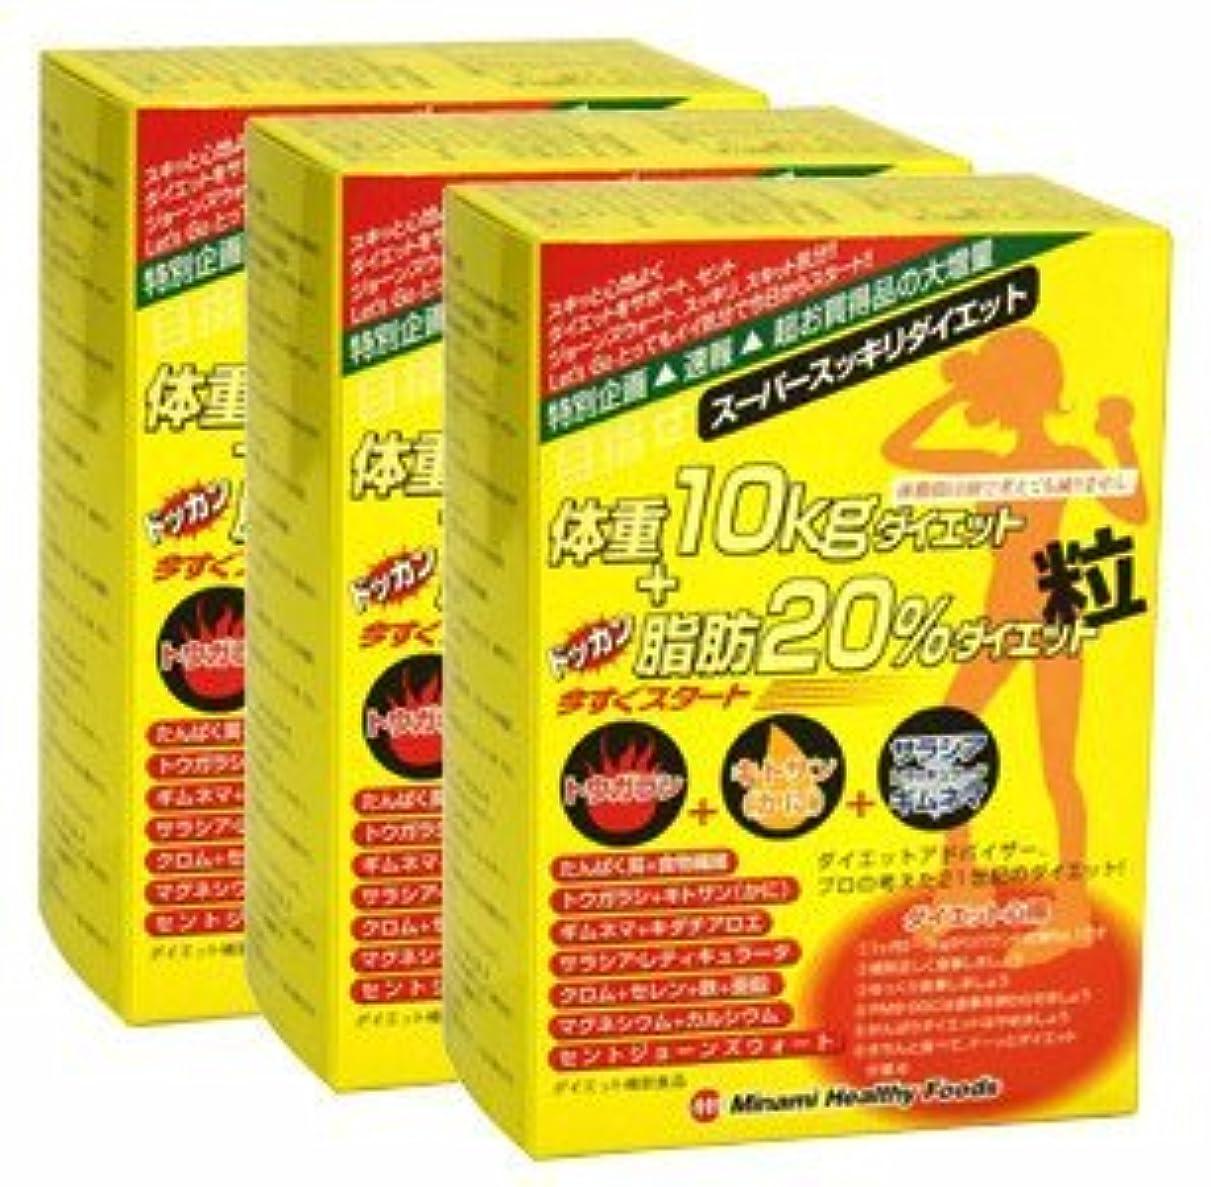 プラカード迷路フェミニン目指せ体重10kg+ドッカン脂肪20%ダイエット粒【3箱セット】ミナミヘルシーフーズ